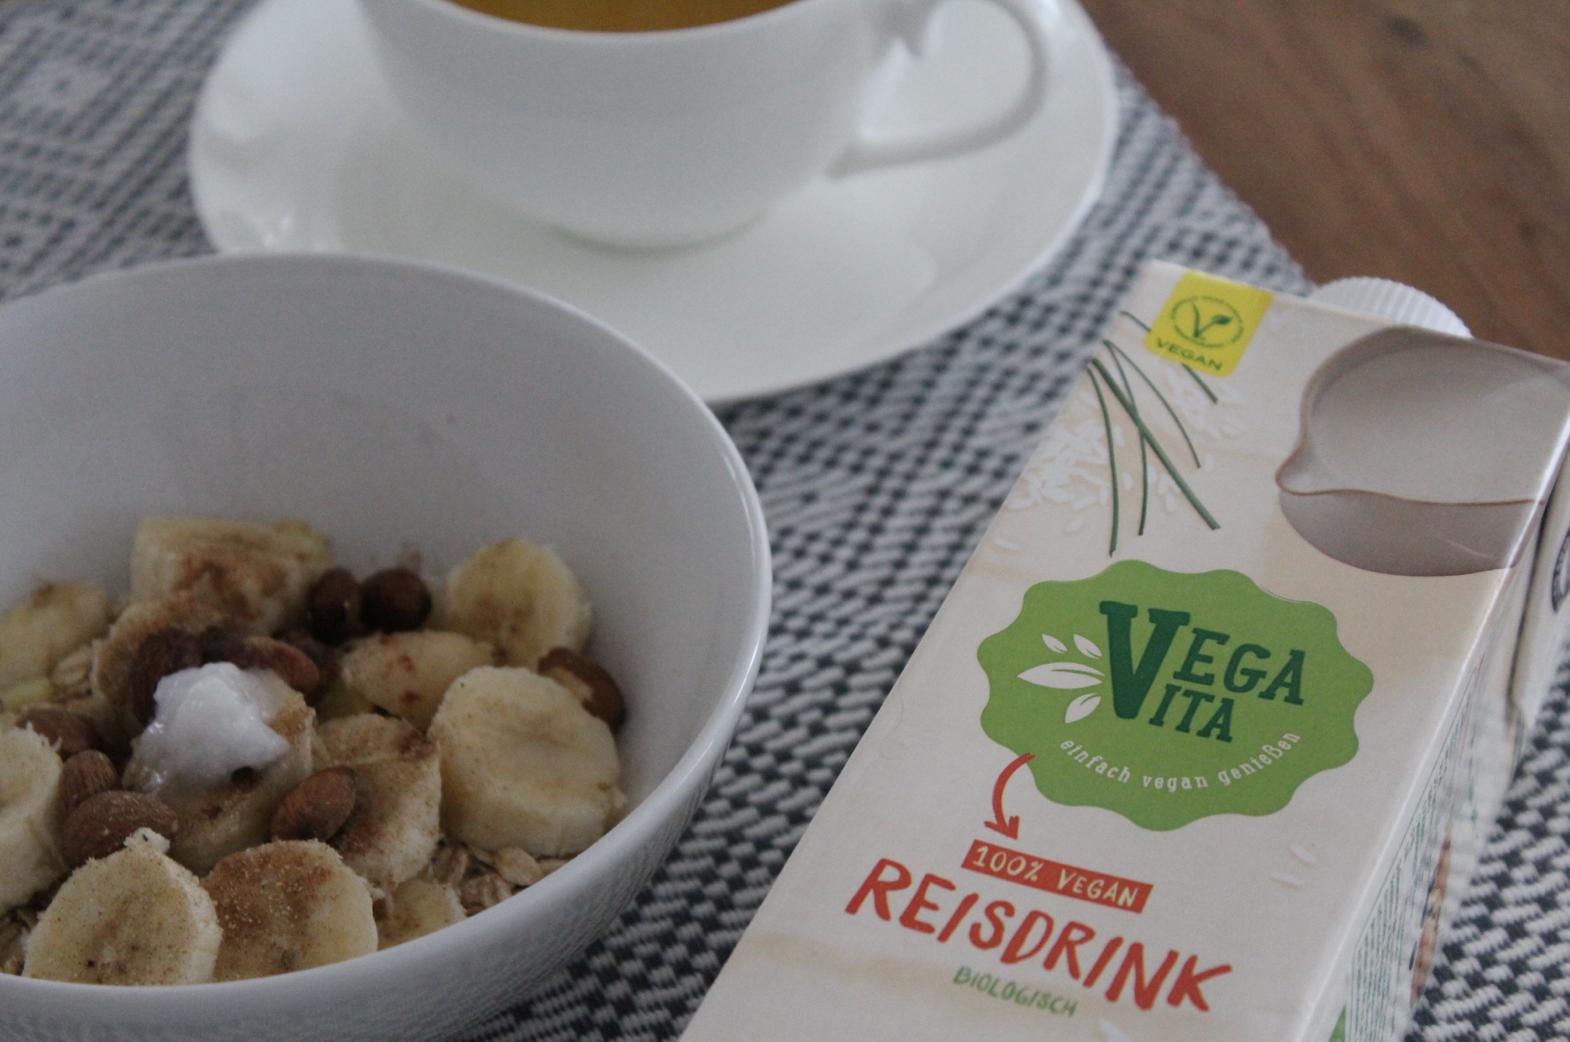 6 Frühstück mit Vega Vita Reis Drink